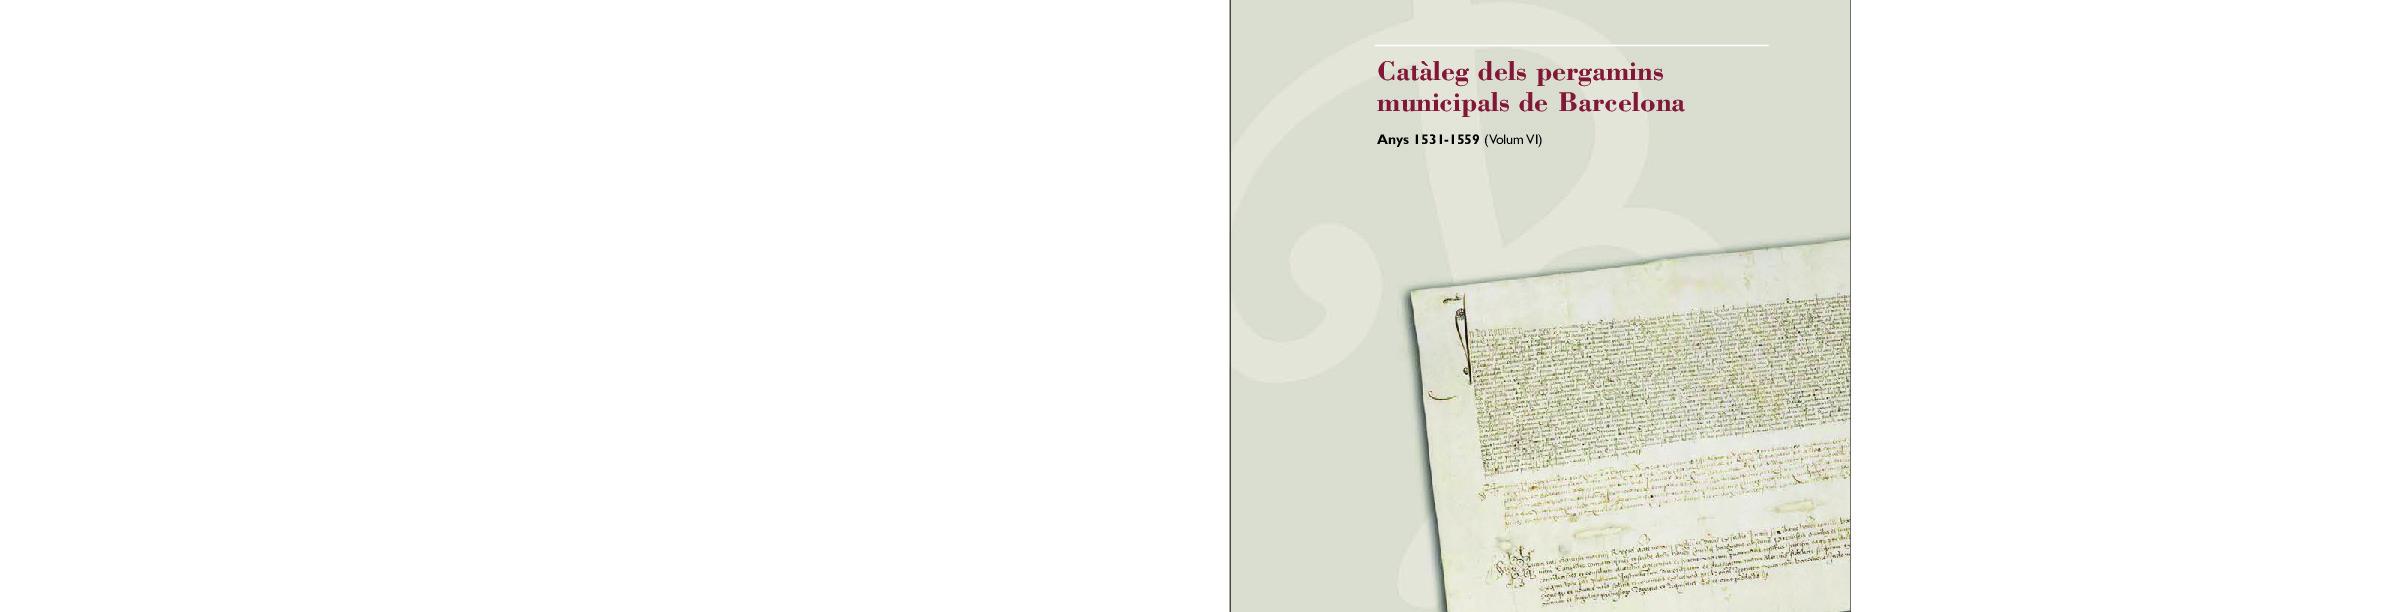 590+Catàleg Dels Pergamins Municipals De Barcelona   ID21ed21e21